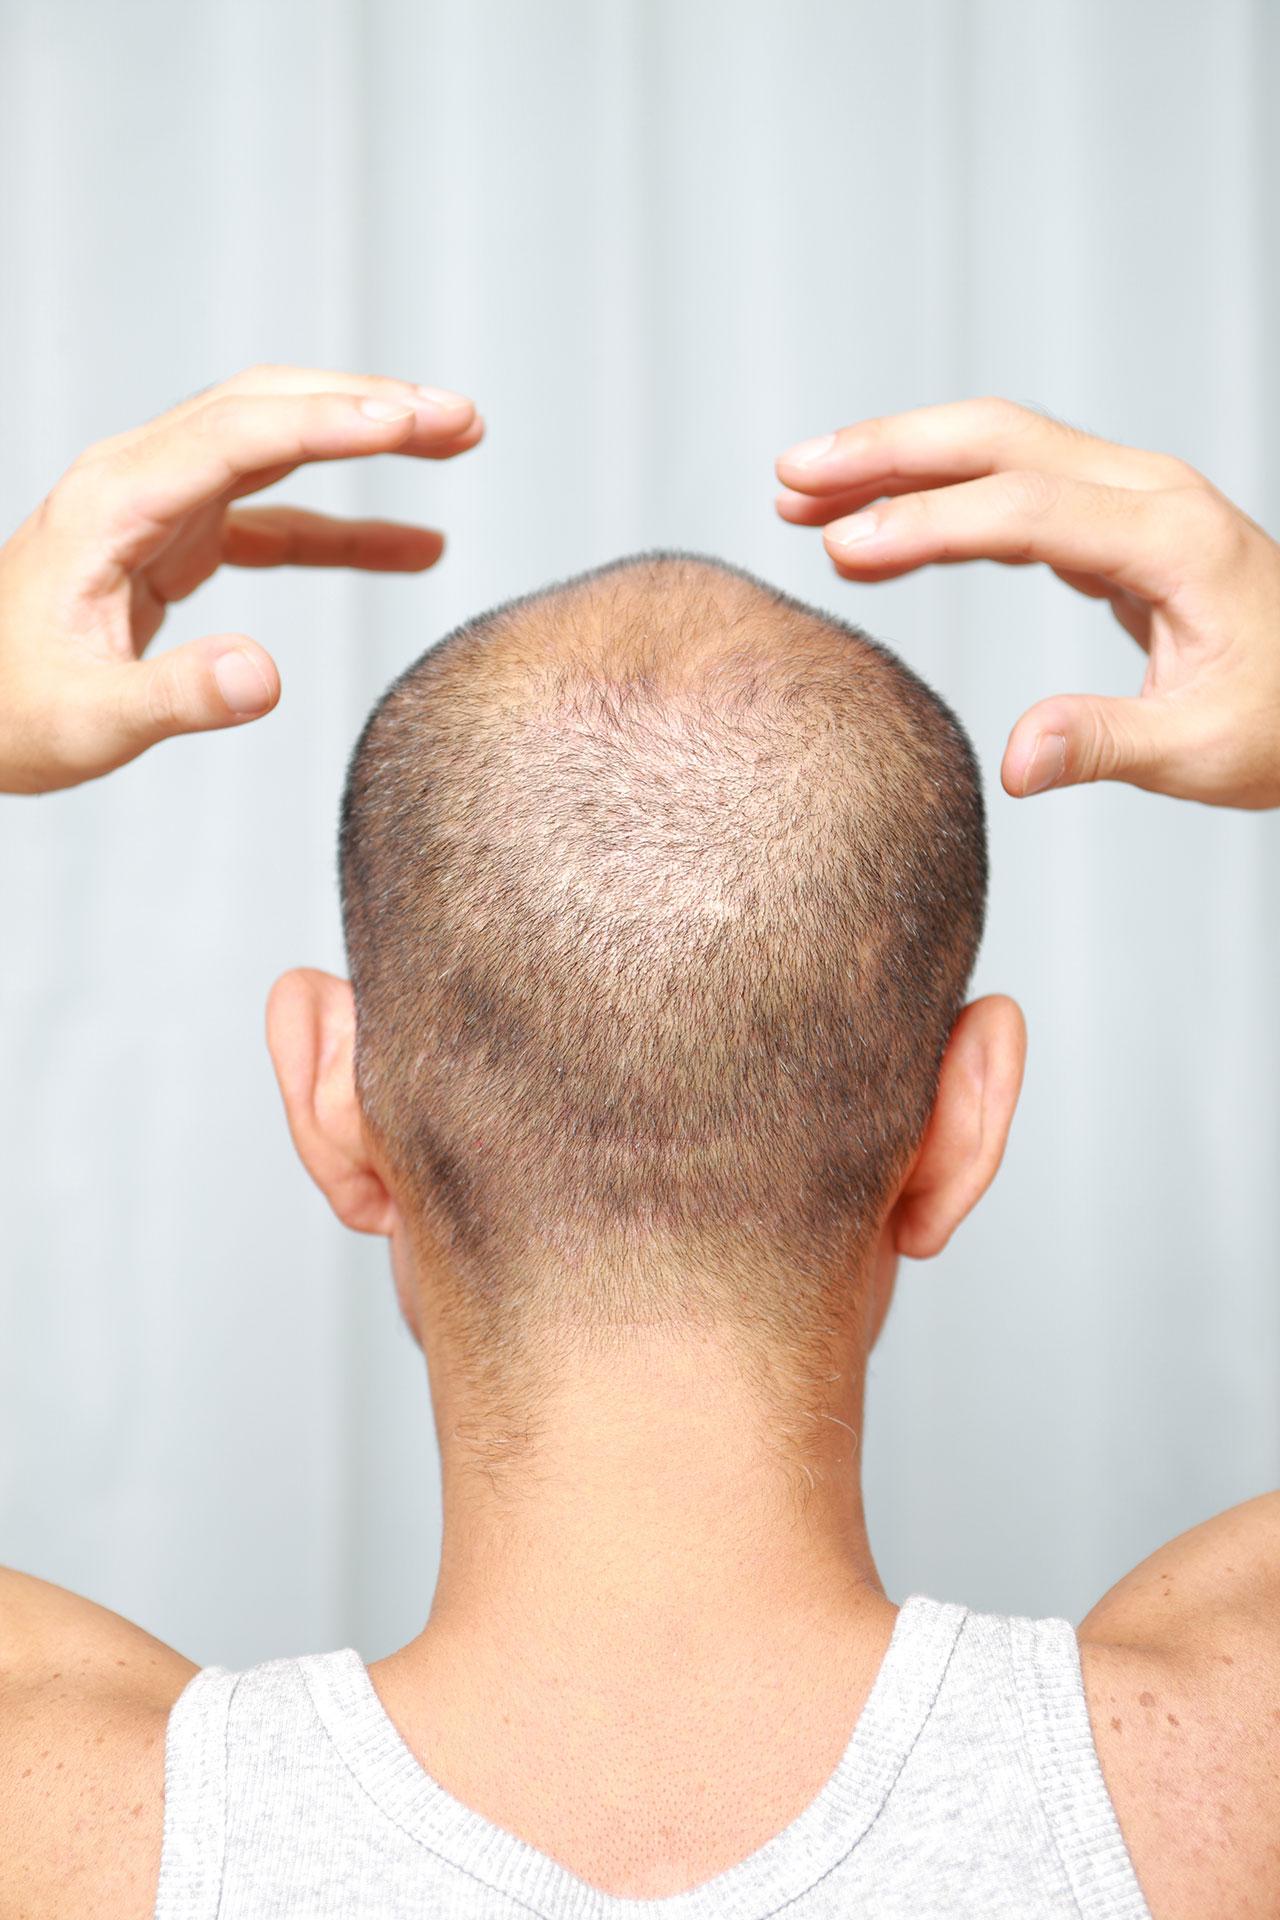 なぜ人は髪の毛が抜けて薄毛になるのか?